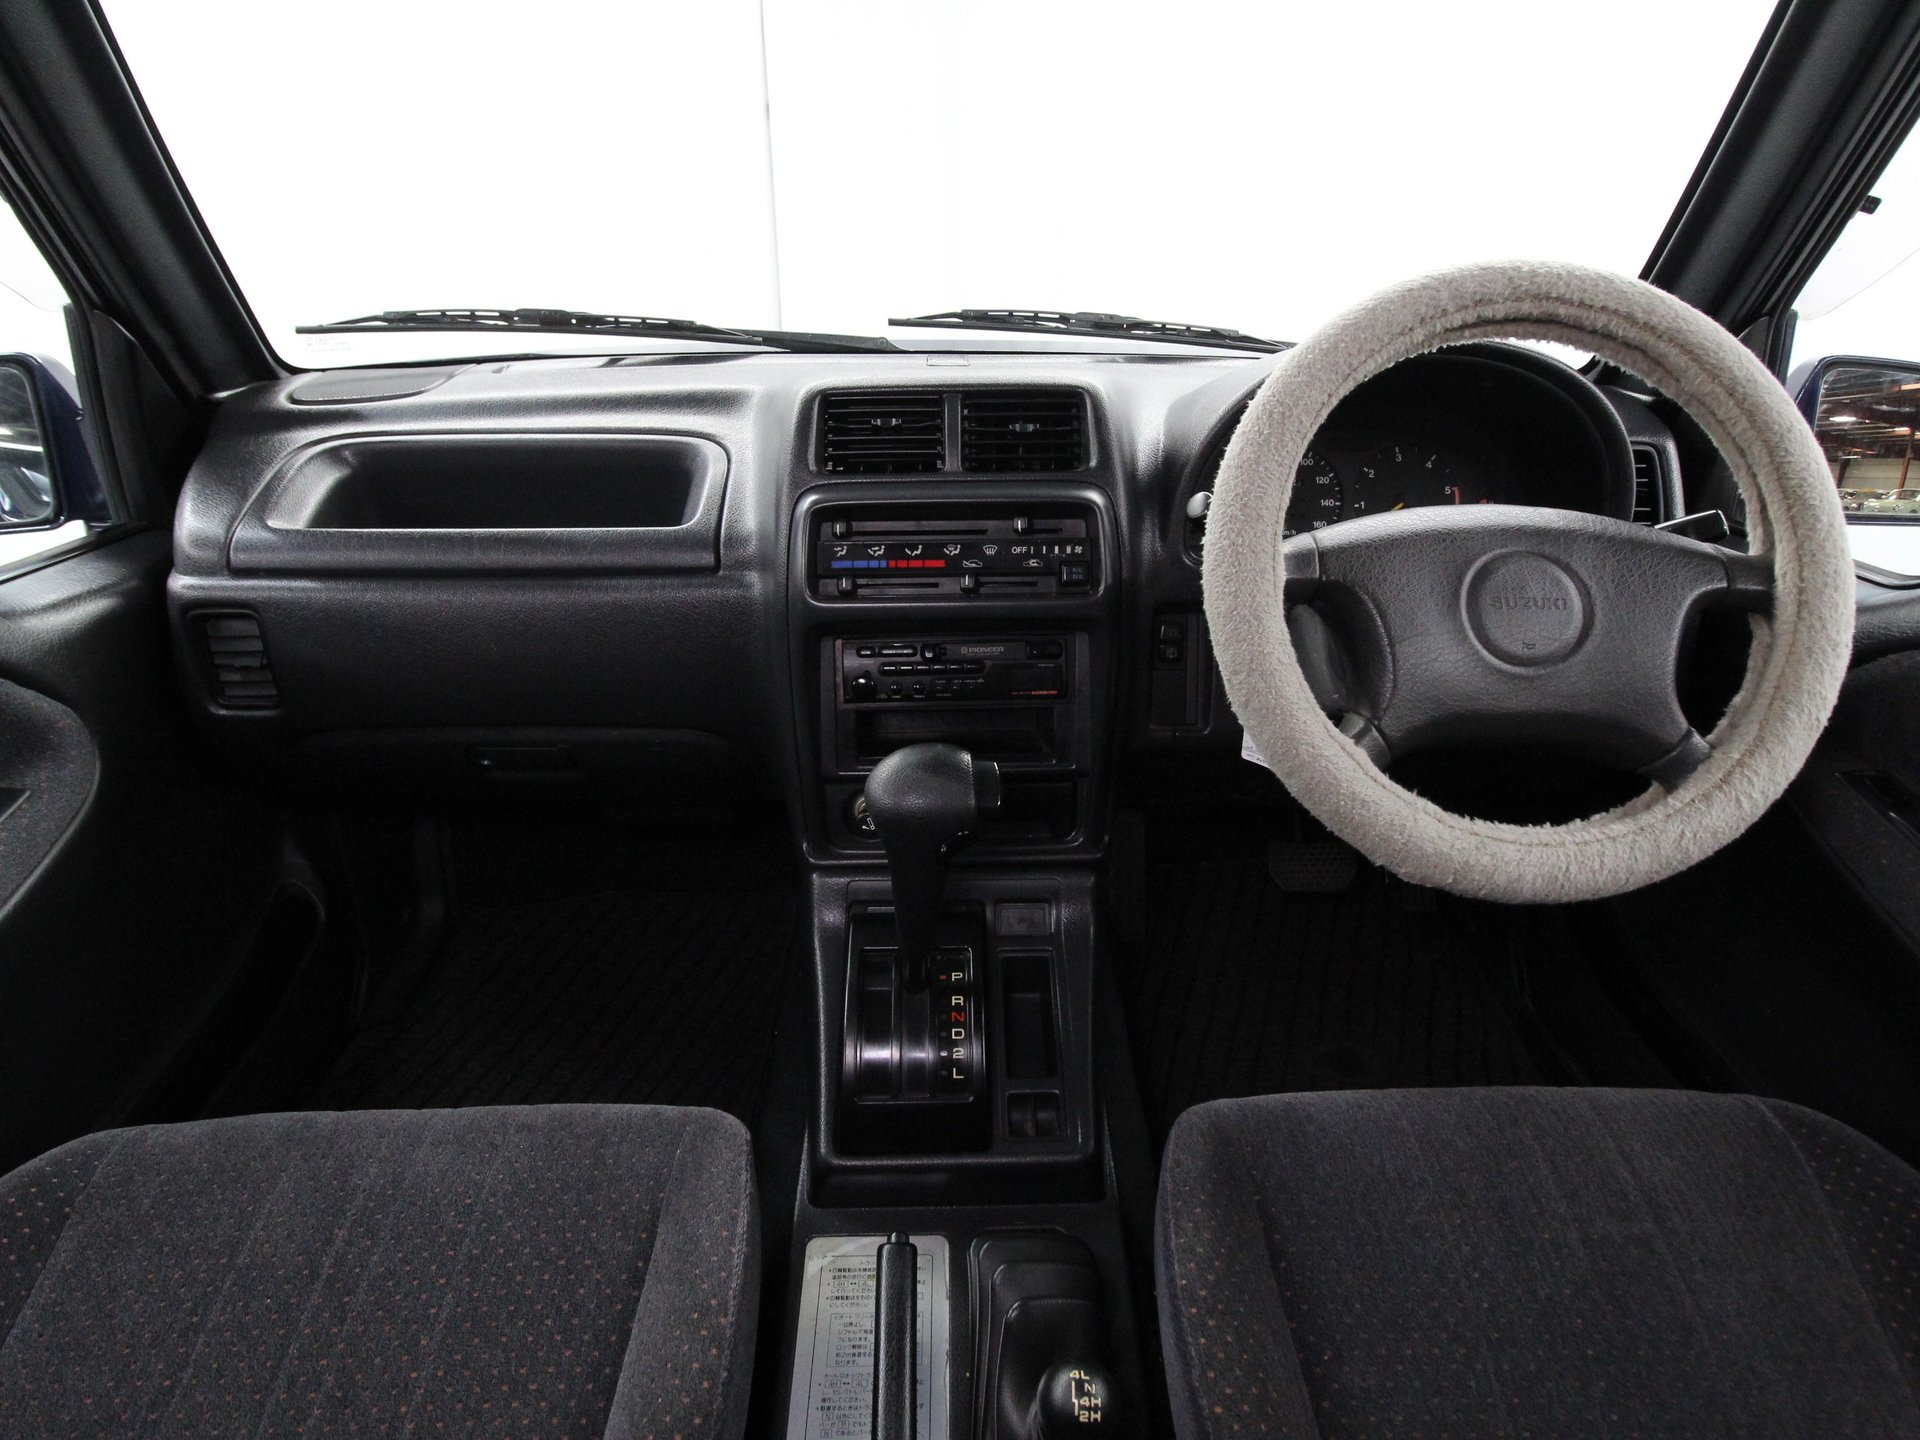 1995 Suzuki Escudo